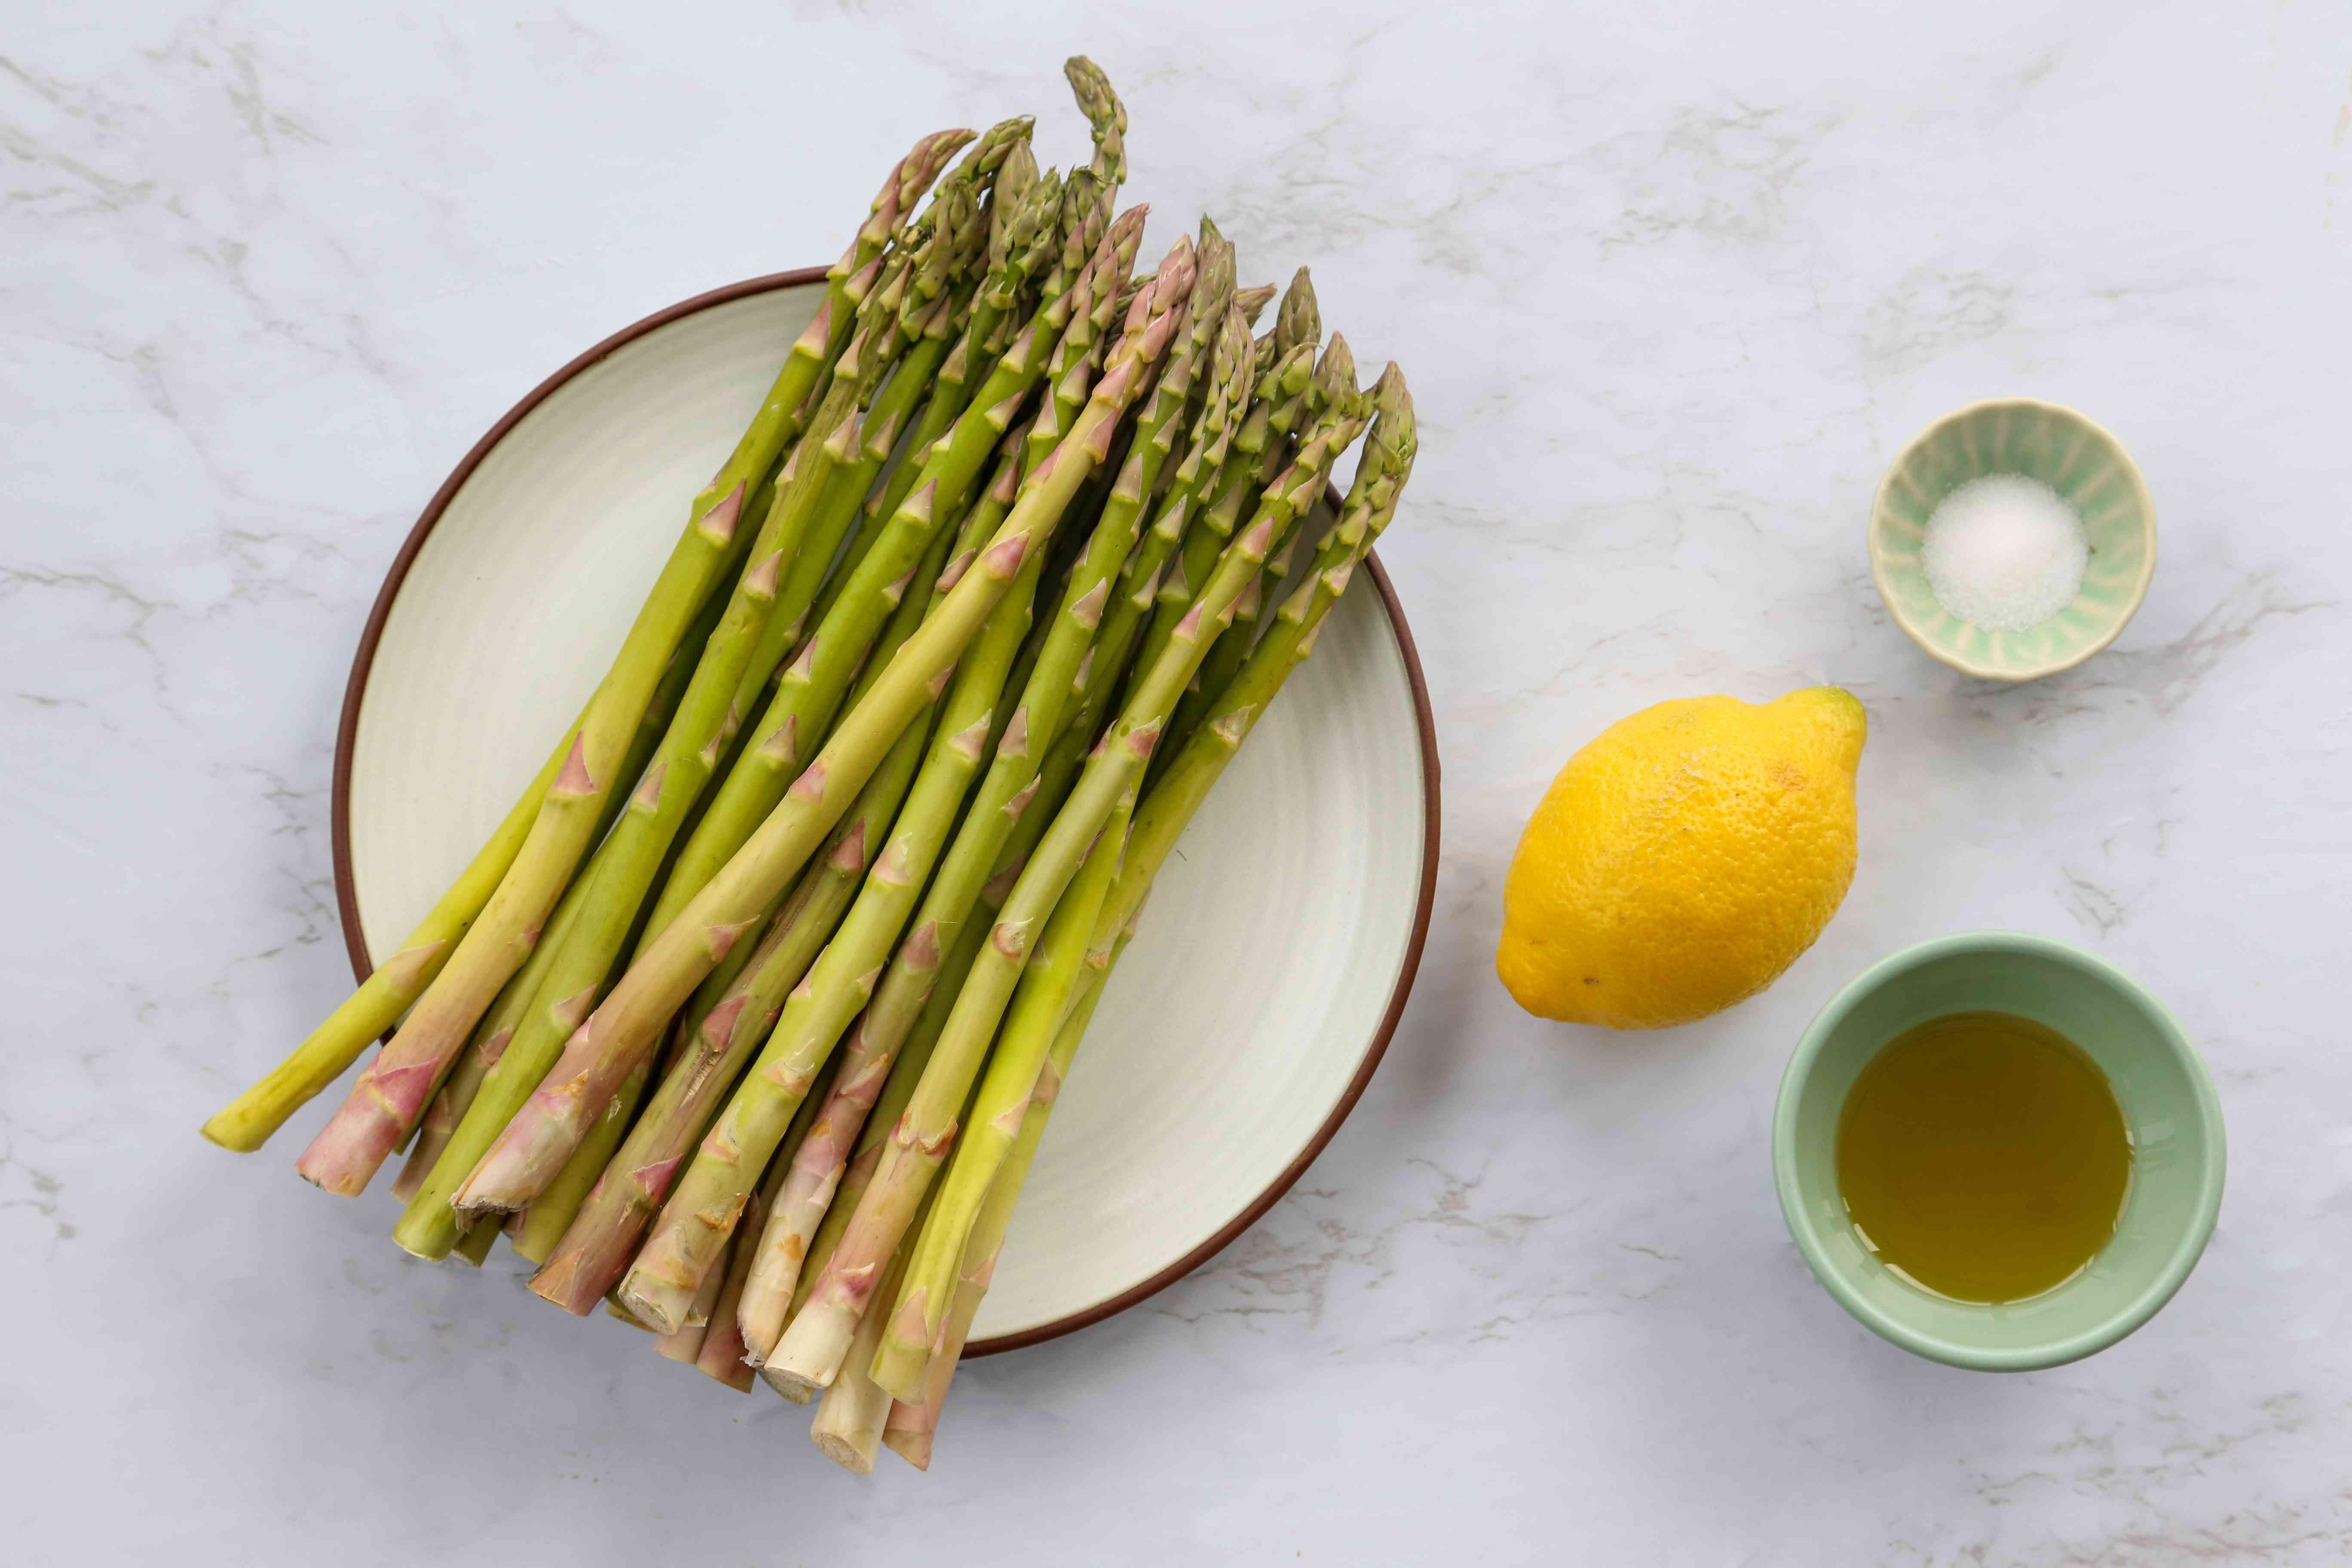 Easy Roasted Asparagus ingredients